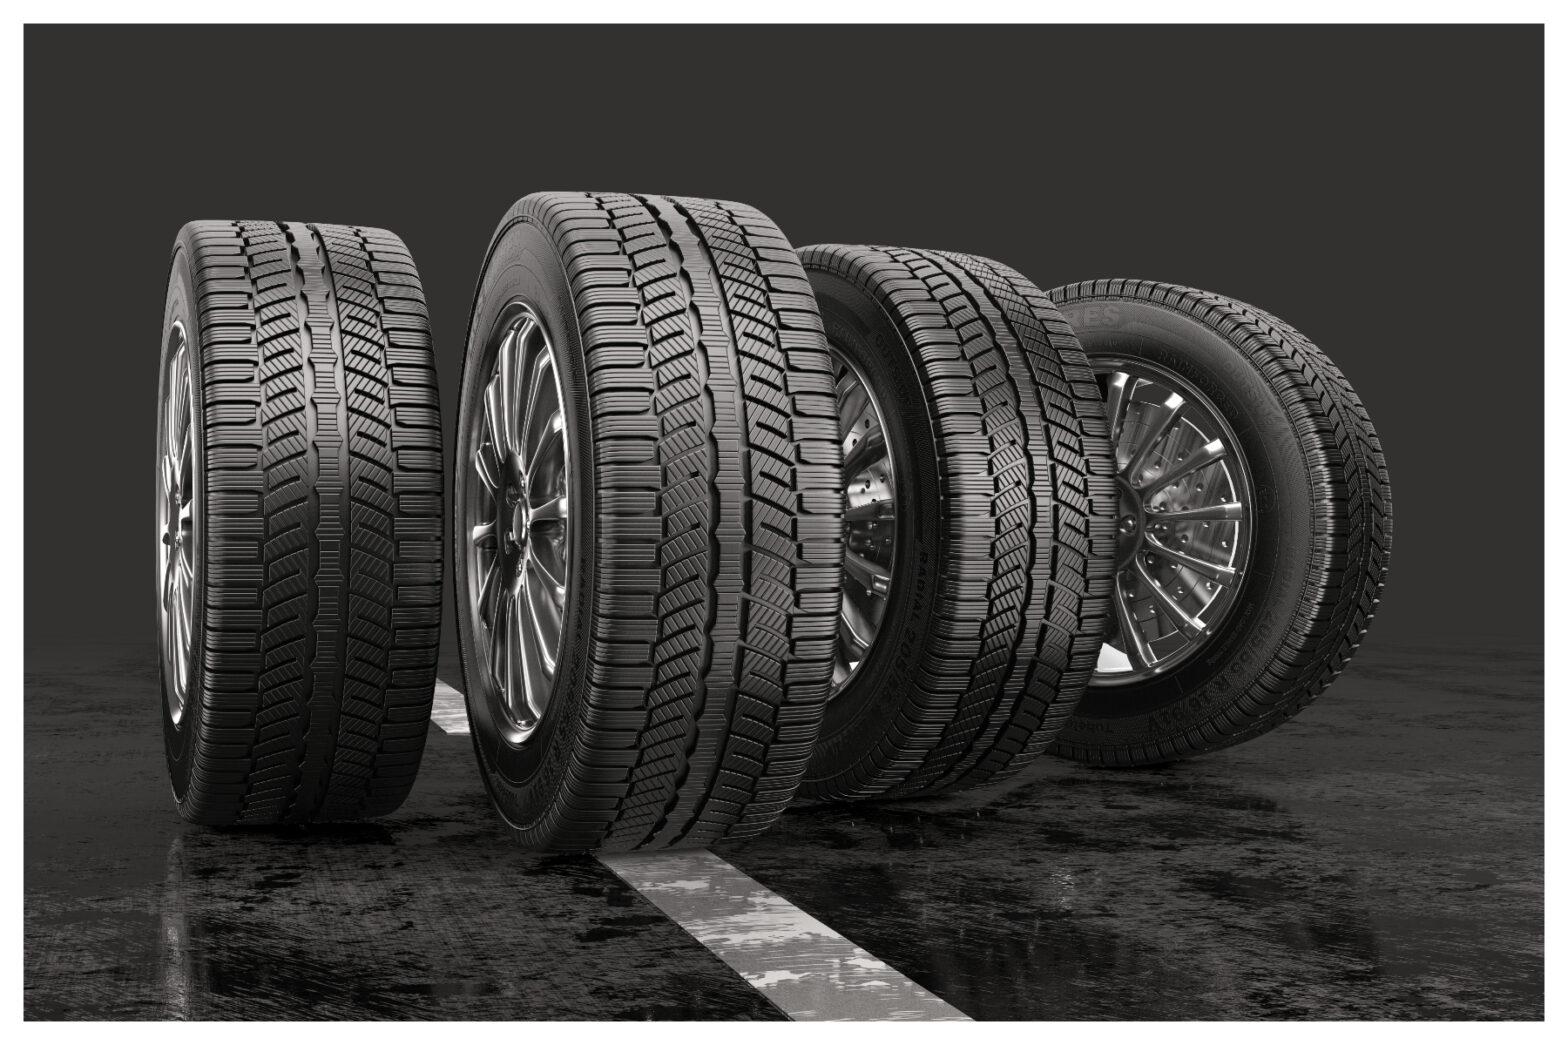 タイヤの扁平率を変えるメリット・デメリット|低偏平タイヤの乗り心地や燃費とは